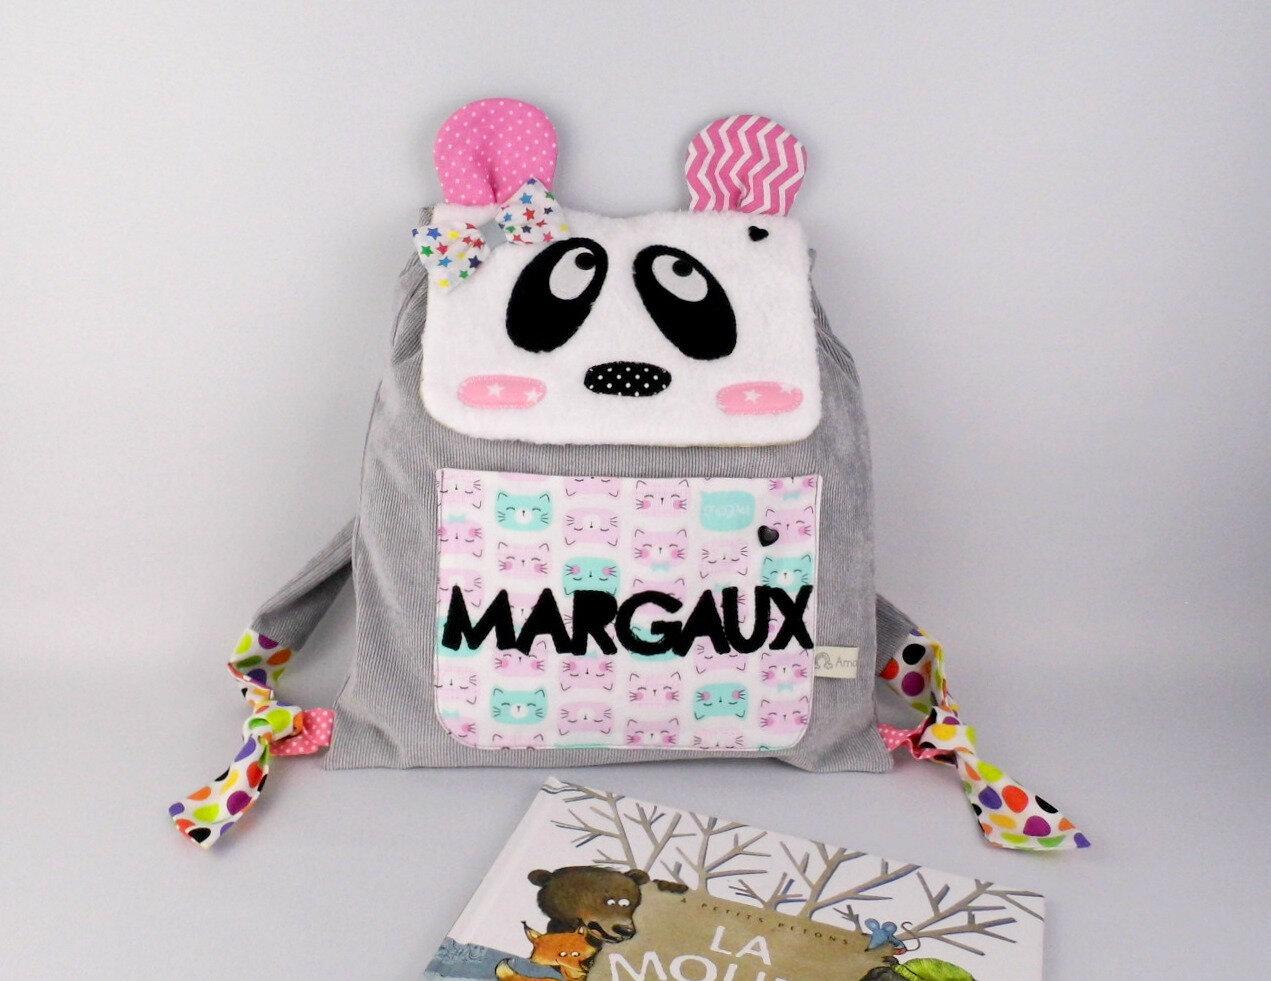 Sac à dos enfant maternelle personnalisé prénom Margaux panda sac fille girly école maternelle sac bébé crèche mini sac à langer gris rose panda chat